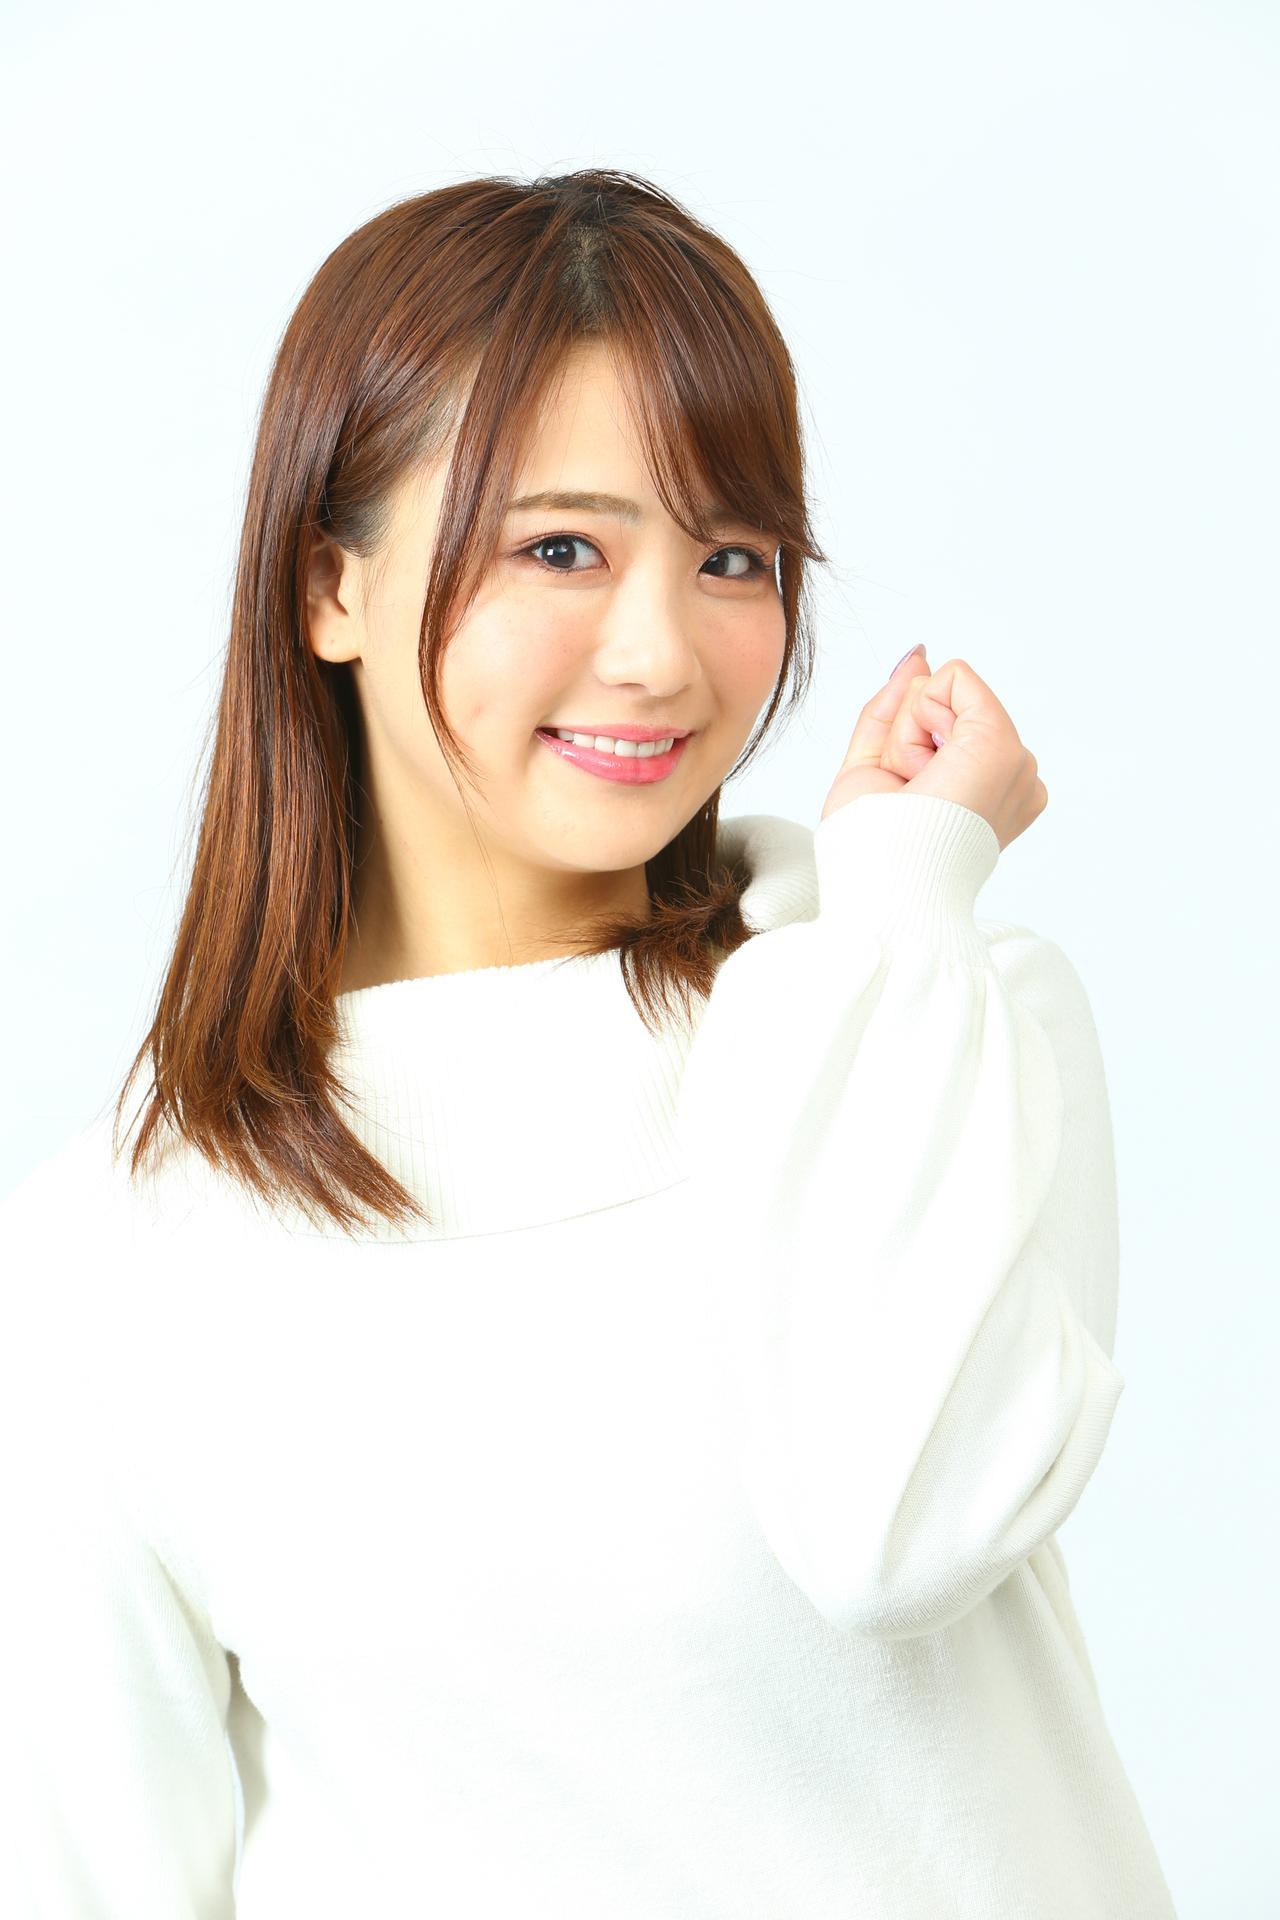 画像9: 平嶋夏海の「つま先メモリアル」 (第2回:KAWASAKI Z650、Ninja650)